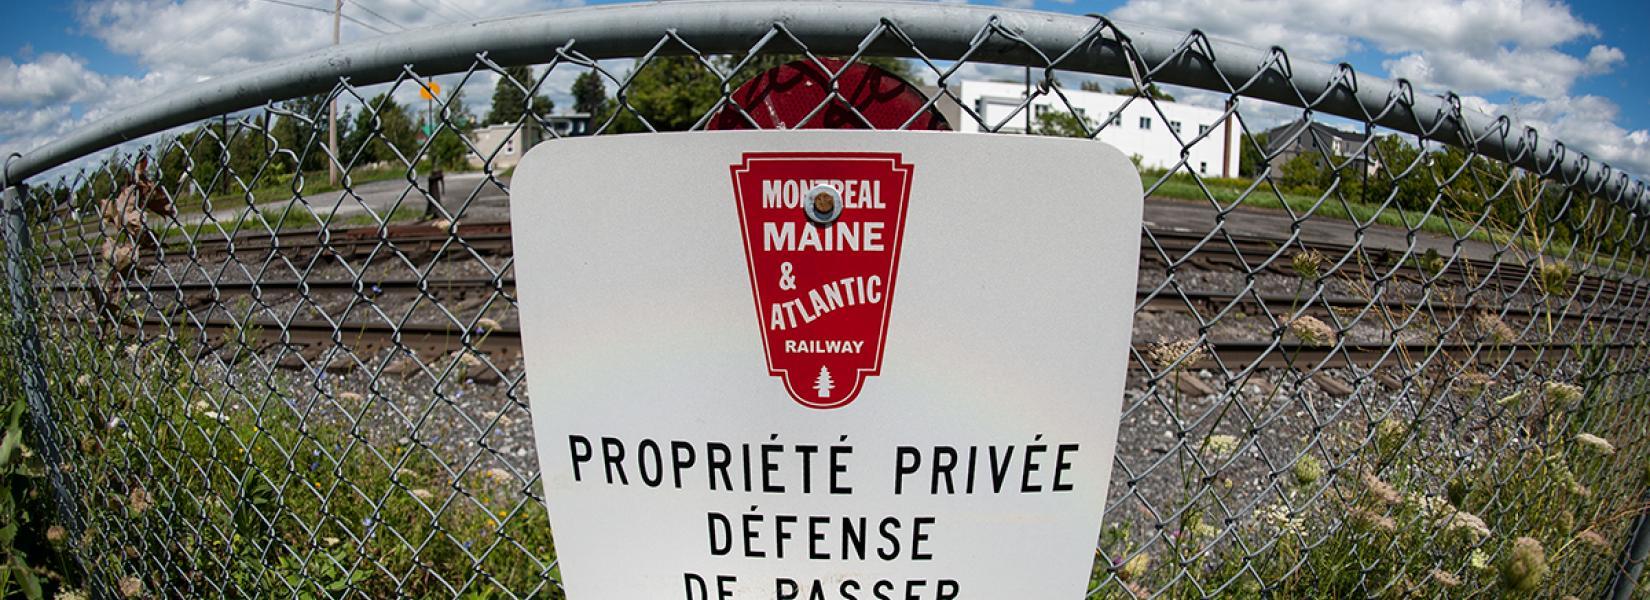 La Montreal Maine & Atlantic Railway